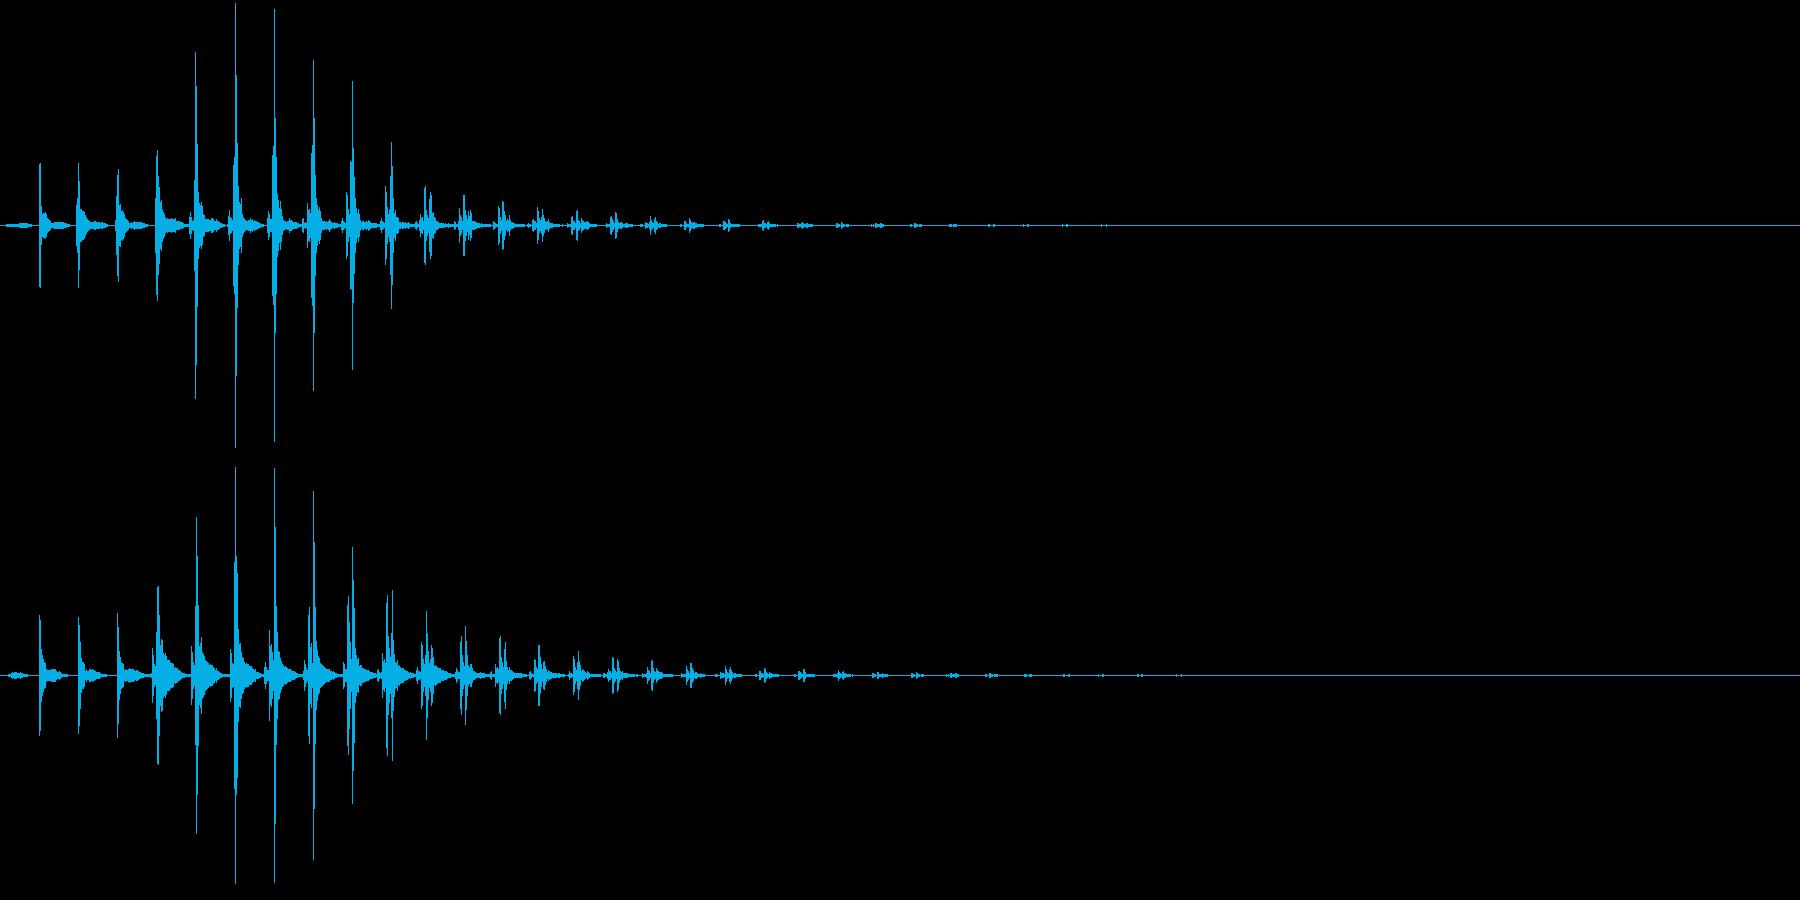 SF CinemaFX 未来の通信音の再生済みの波形